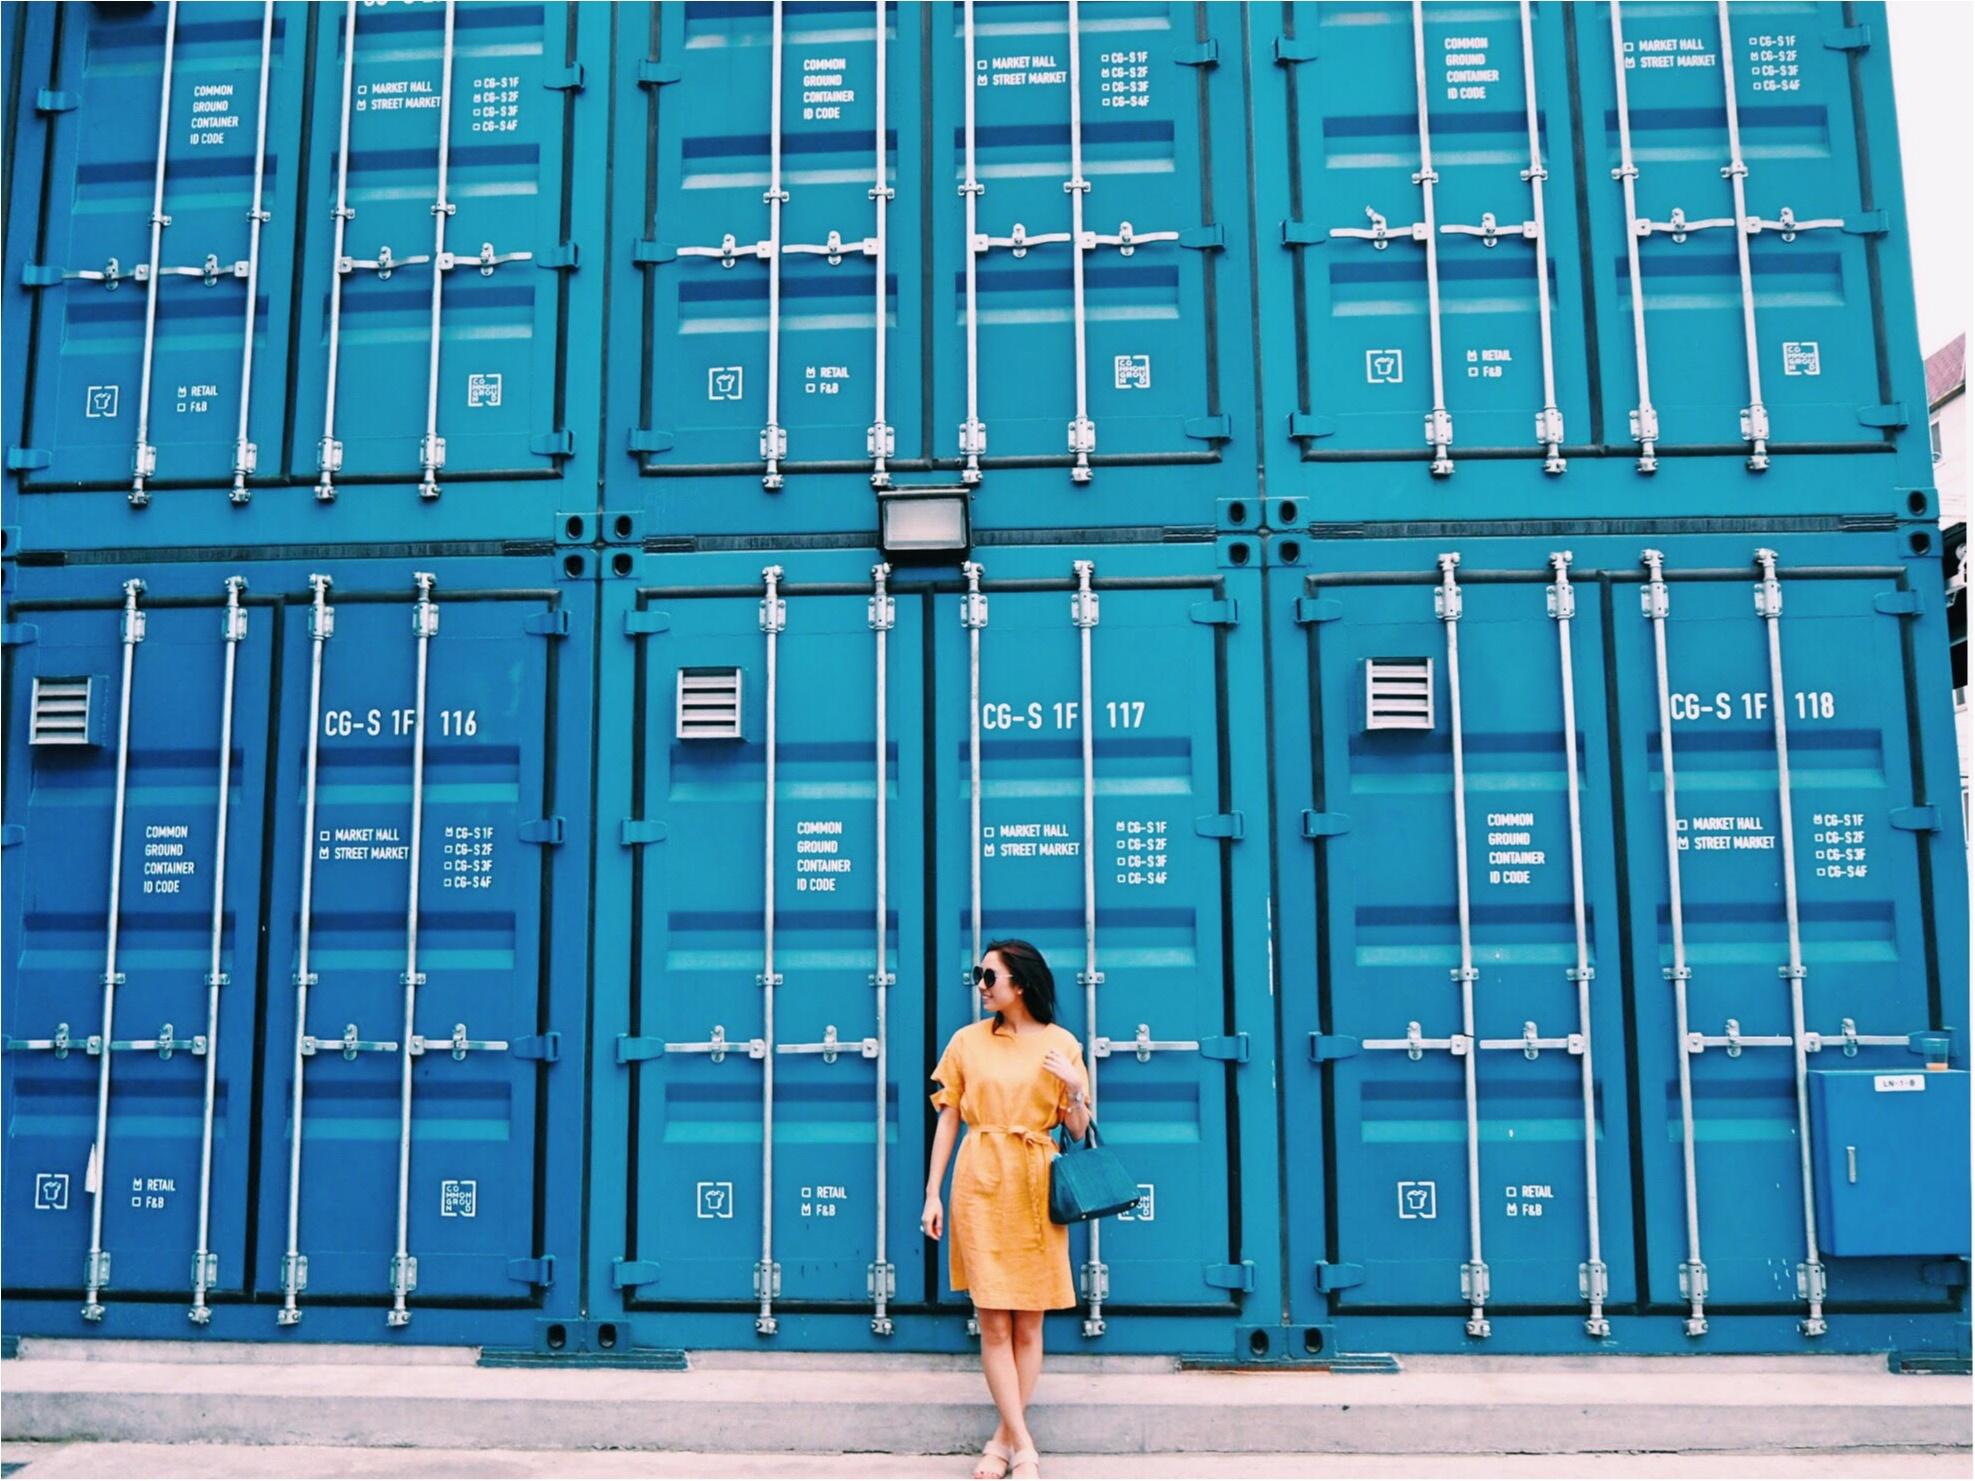 韓国、グアム、バリ、ドバイ・・・・・・フォトジェニックな女子旅は「タビジョツアー」で叶います♡_4